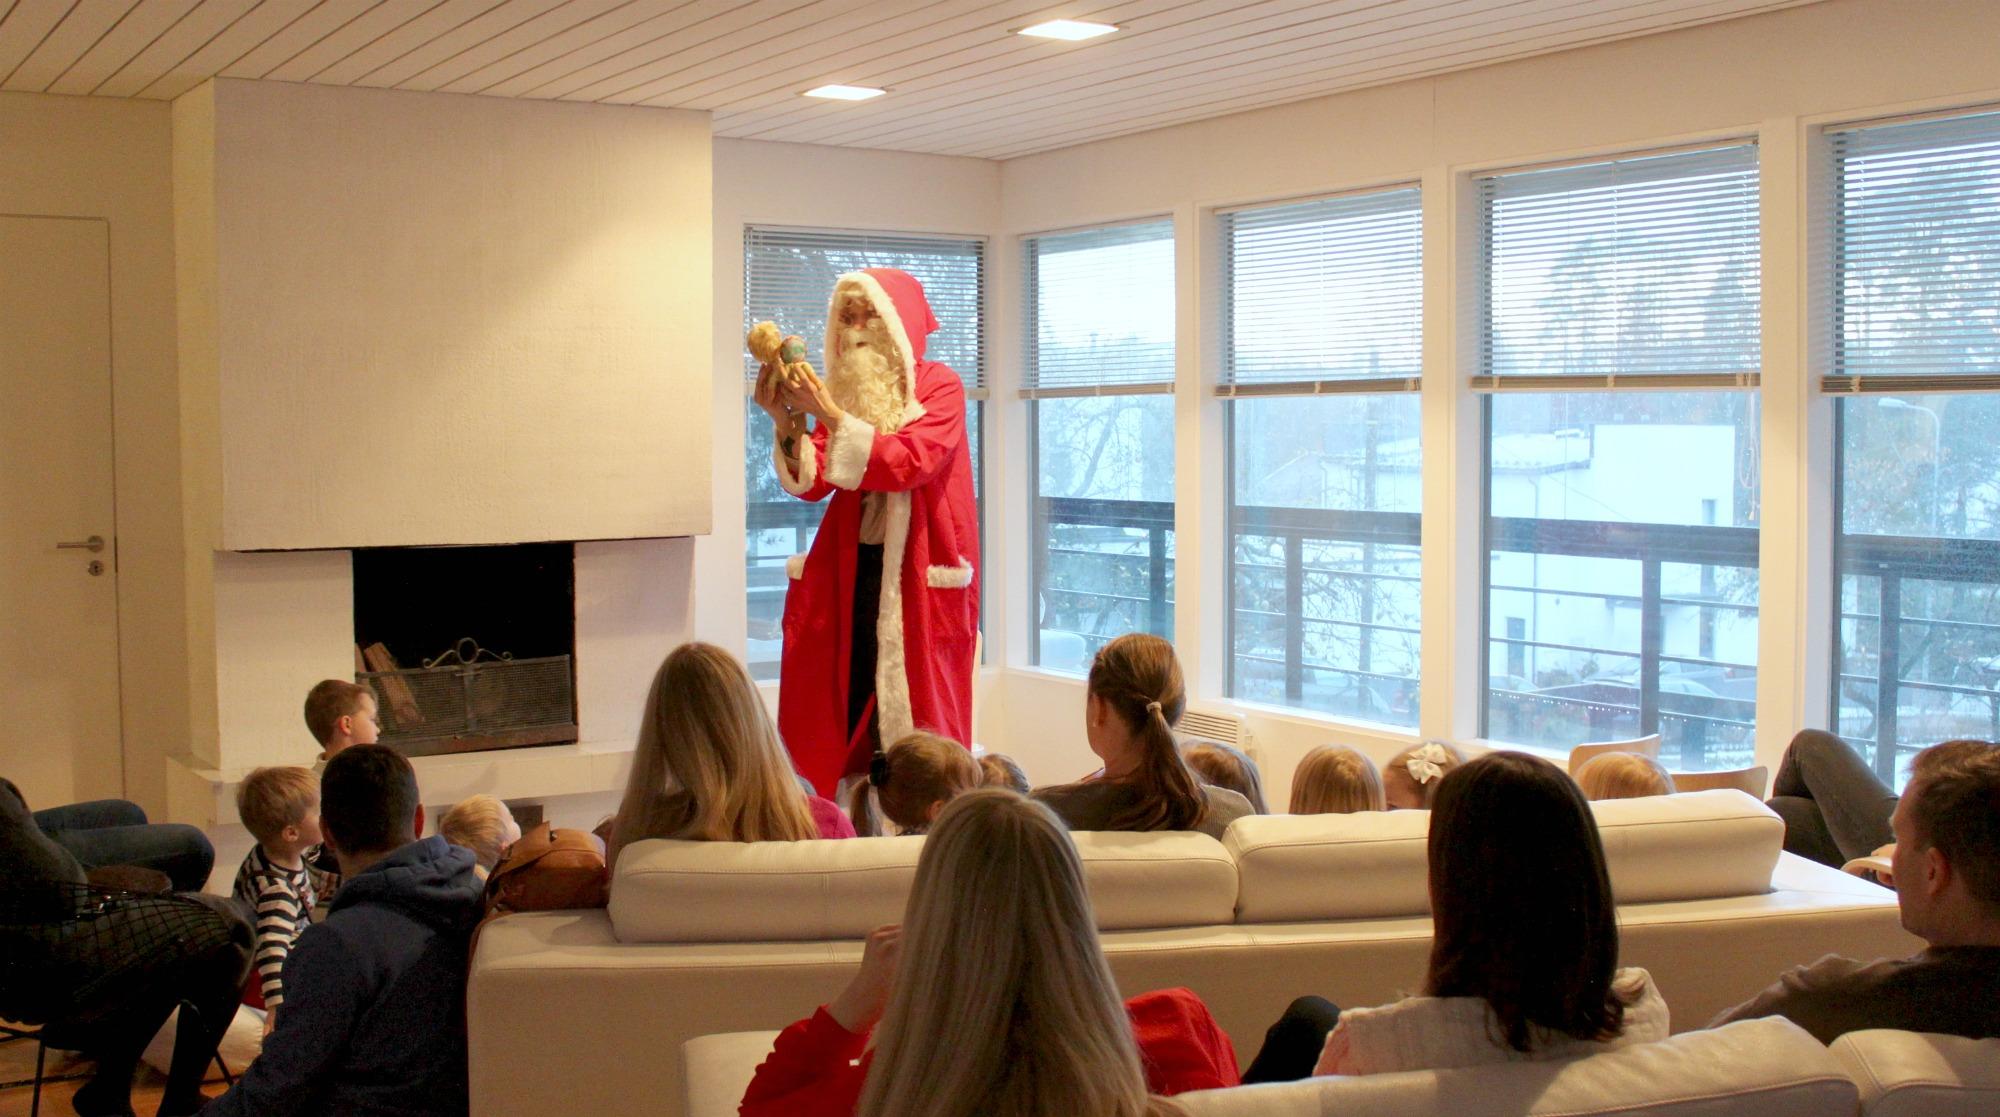 Teatteriesitys kotona / Päiväkotiyhdistyksen joulukauden avaus